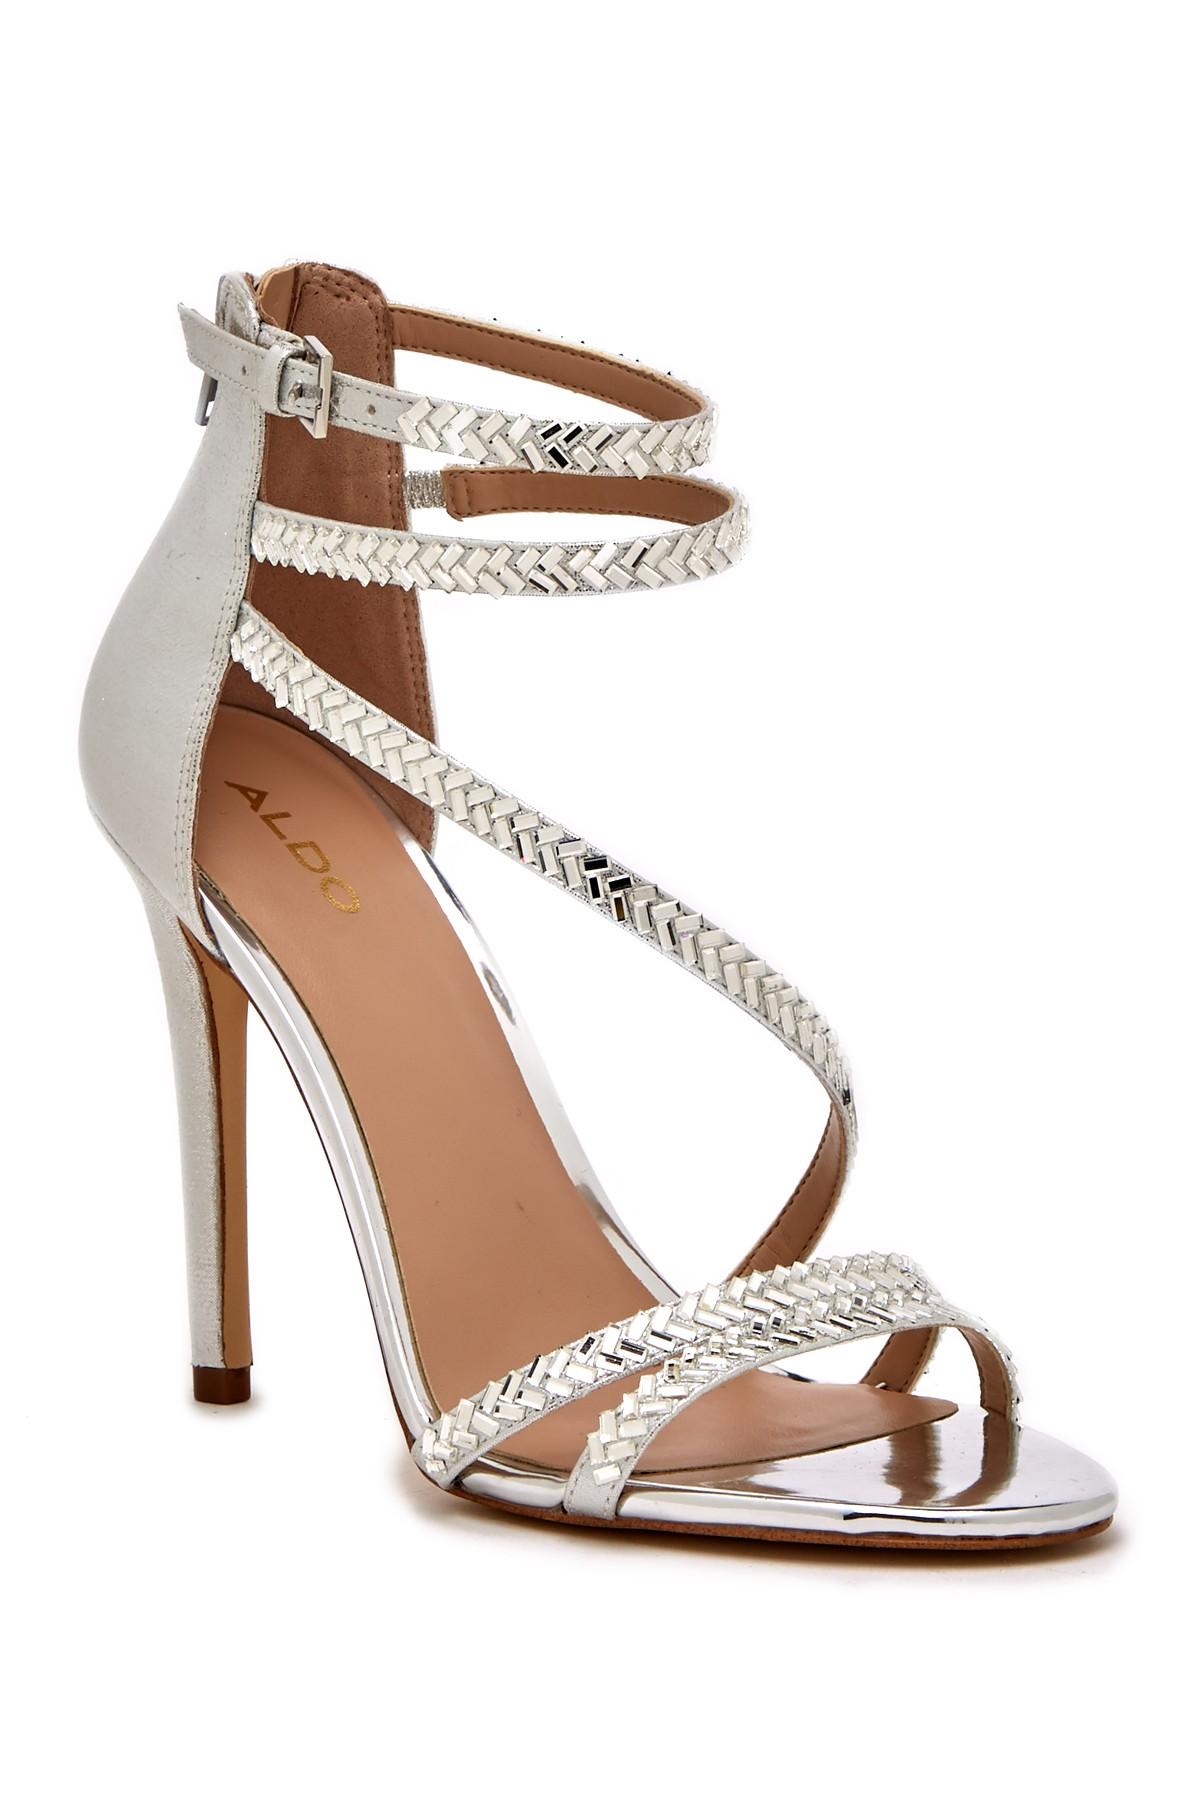 825dc9f4cd4 Thaurwen Sandal Pretty Shoes